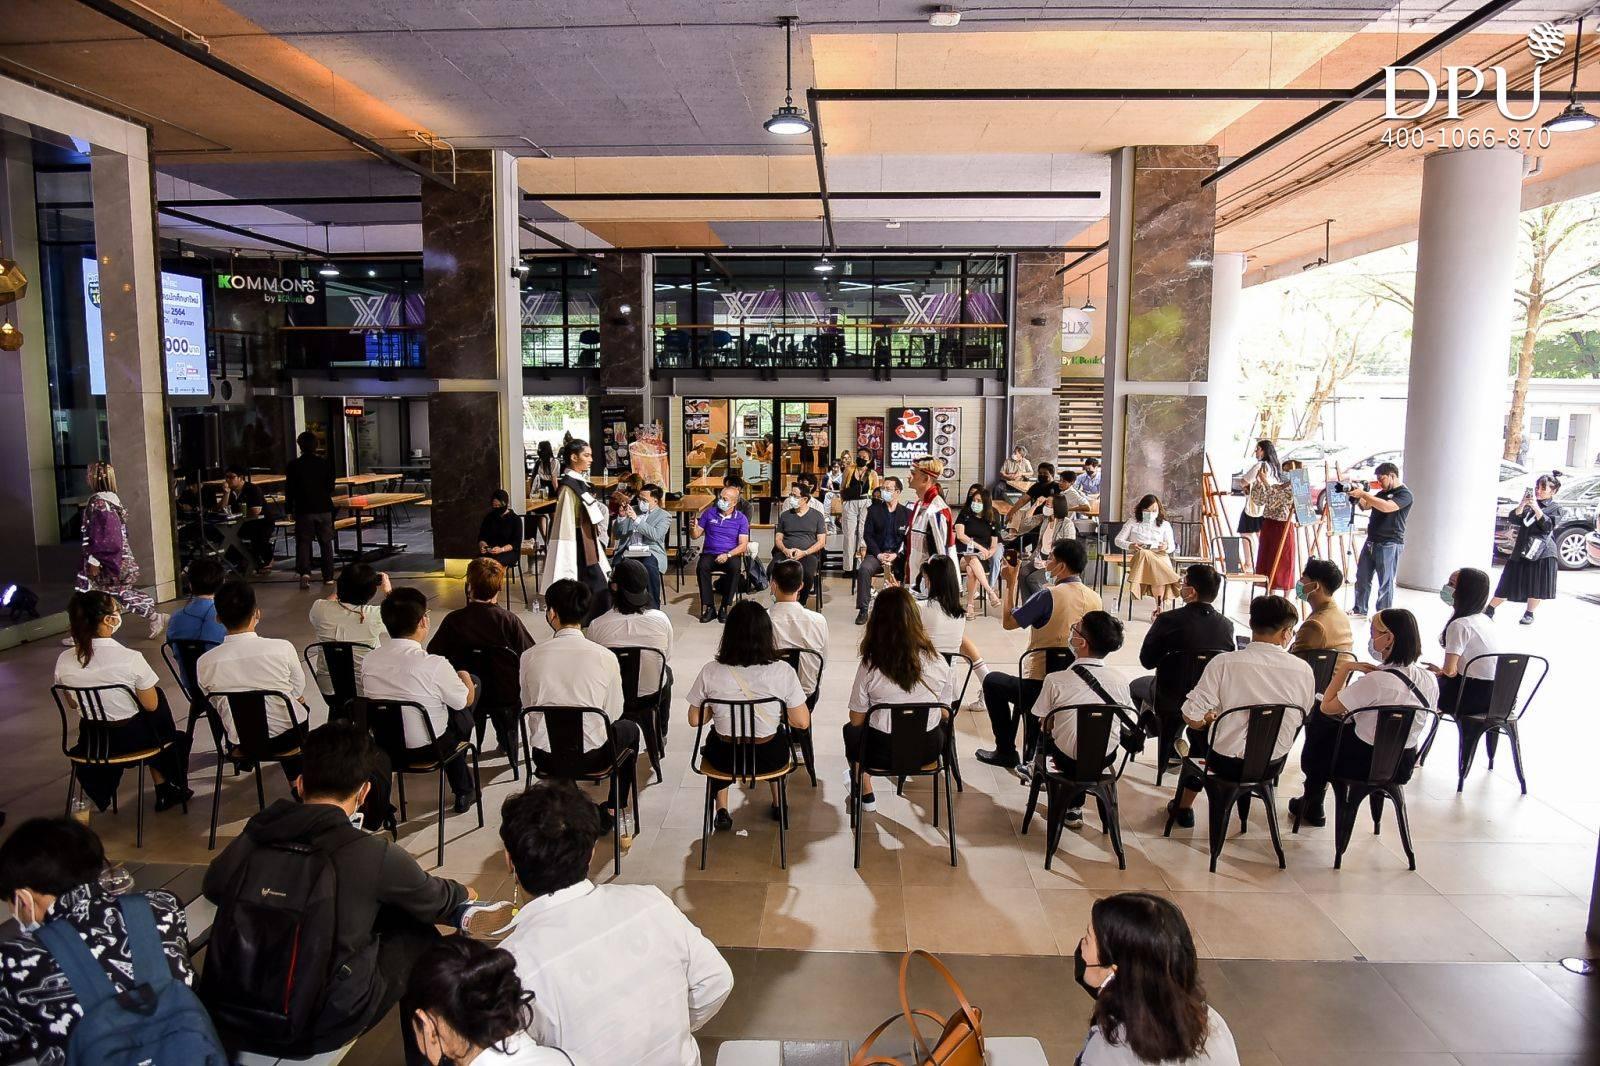 DPU举办Silpakam艺术与设计周庆典